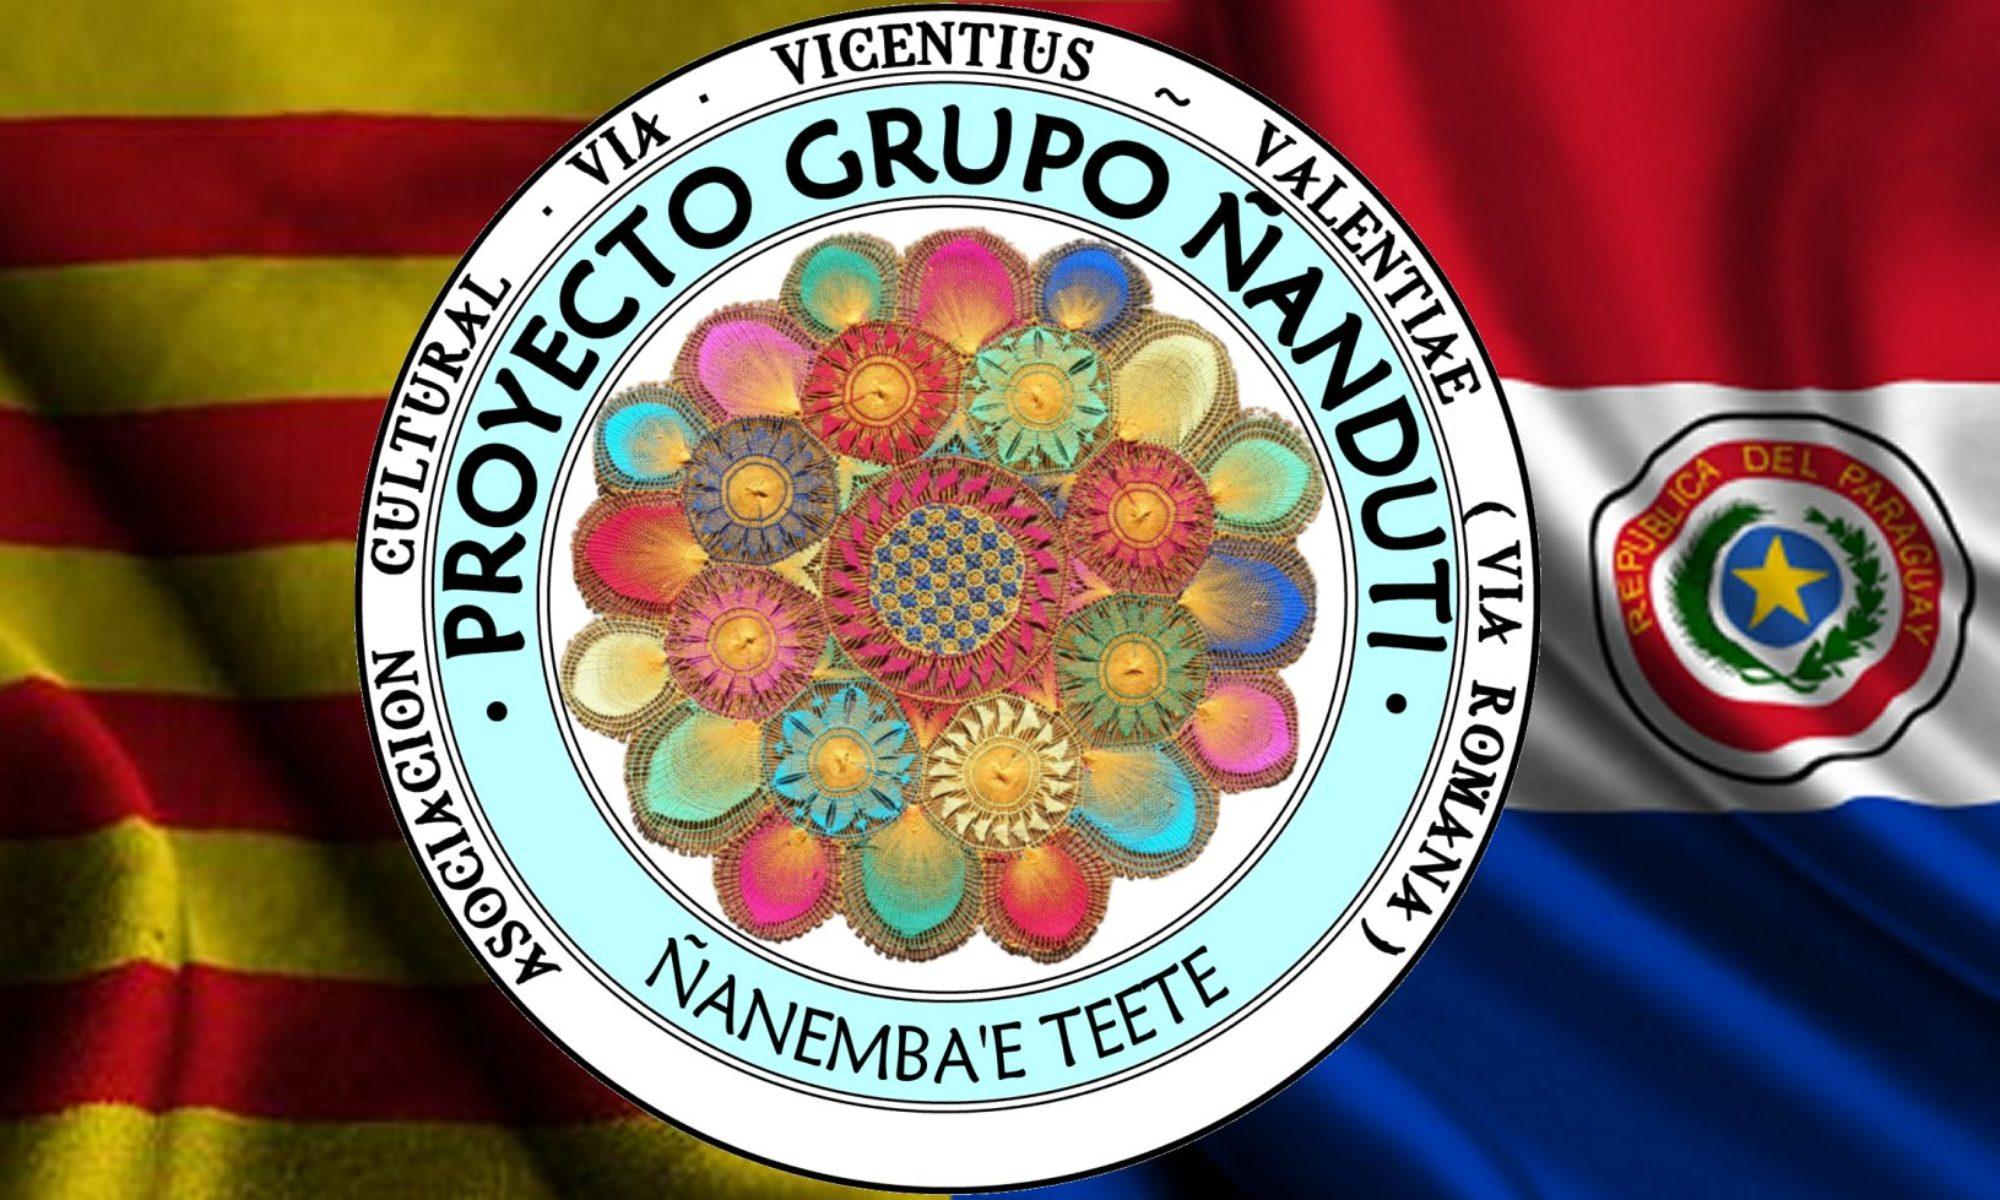 Proyecto Grupo Ñandutí - Ñanemba'é Teet'é